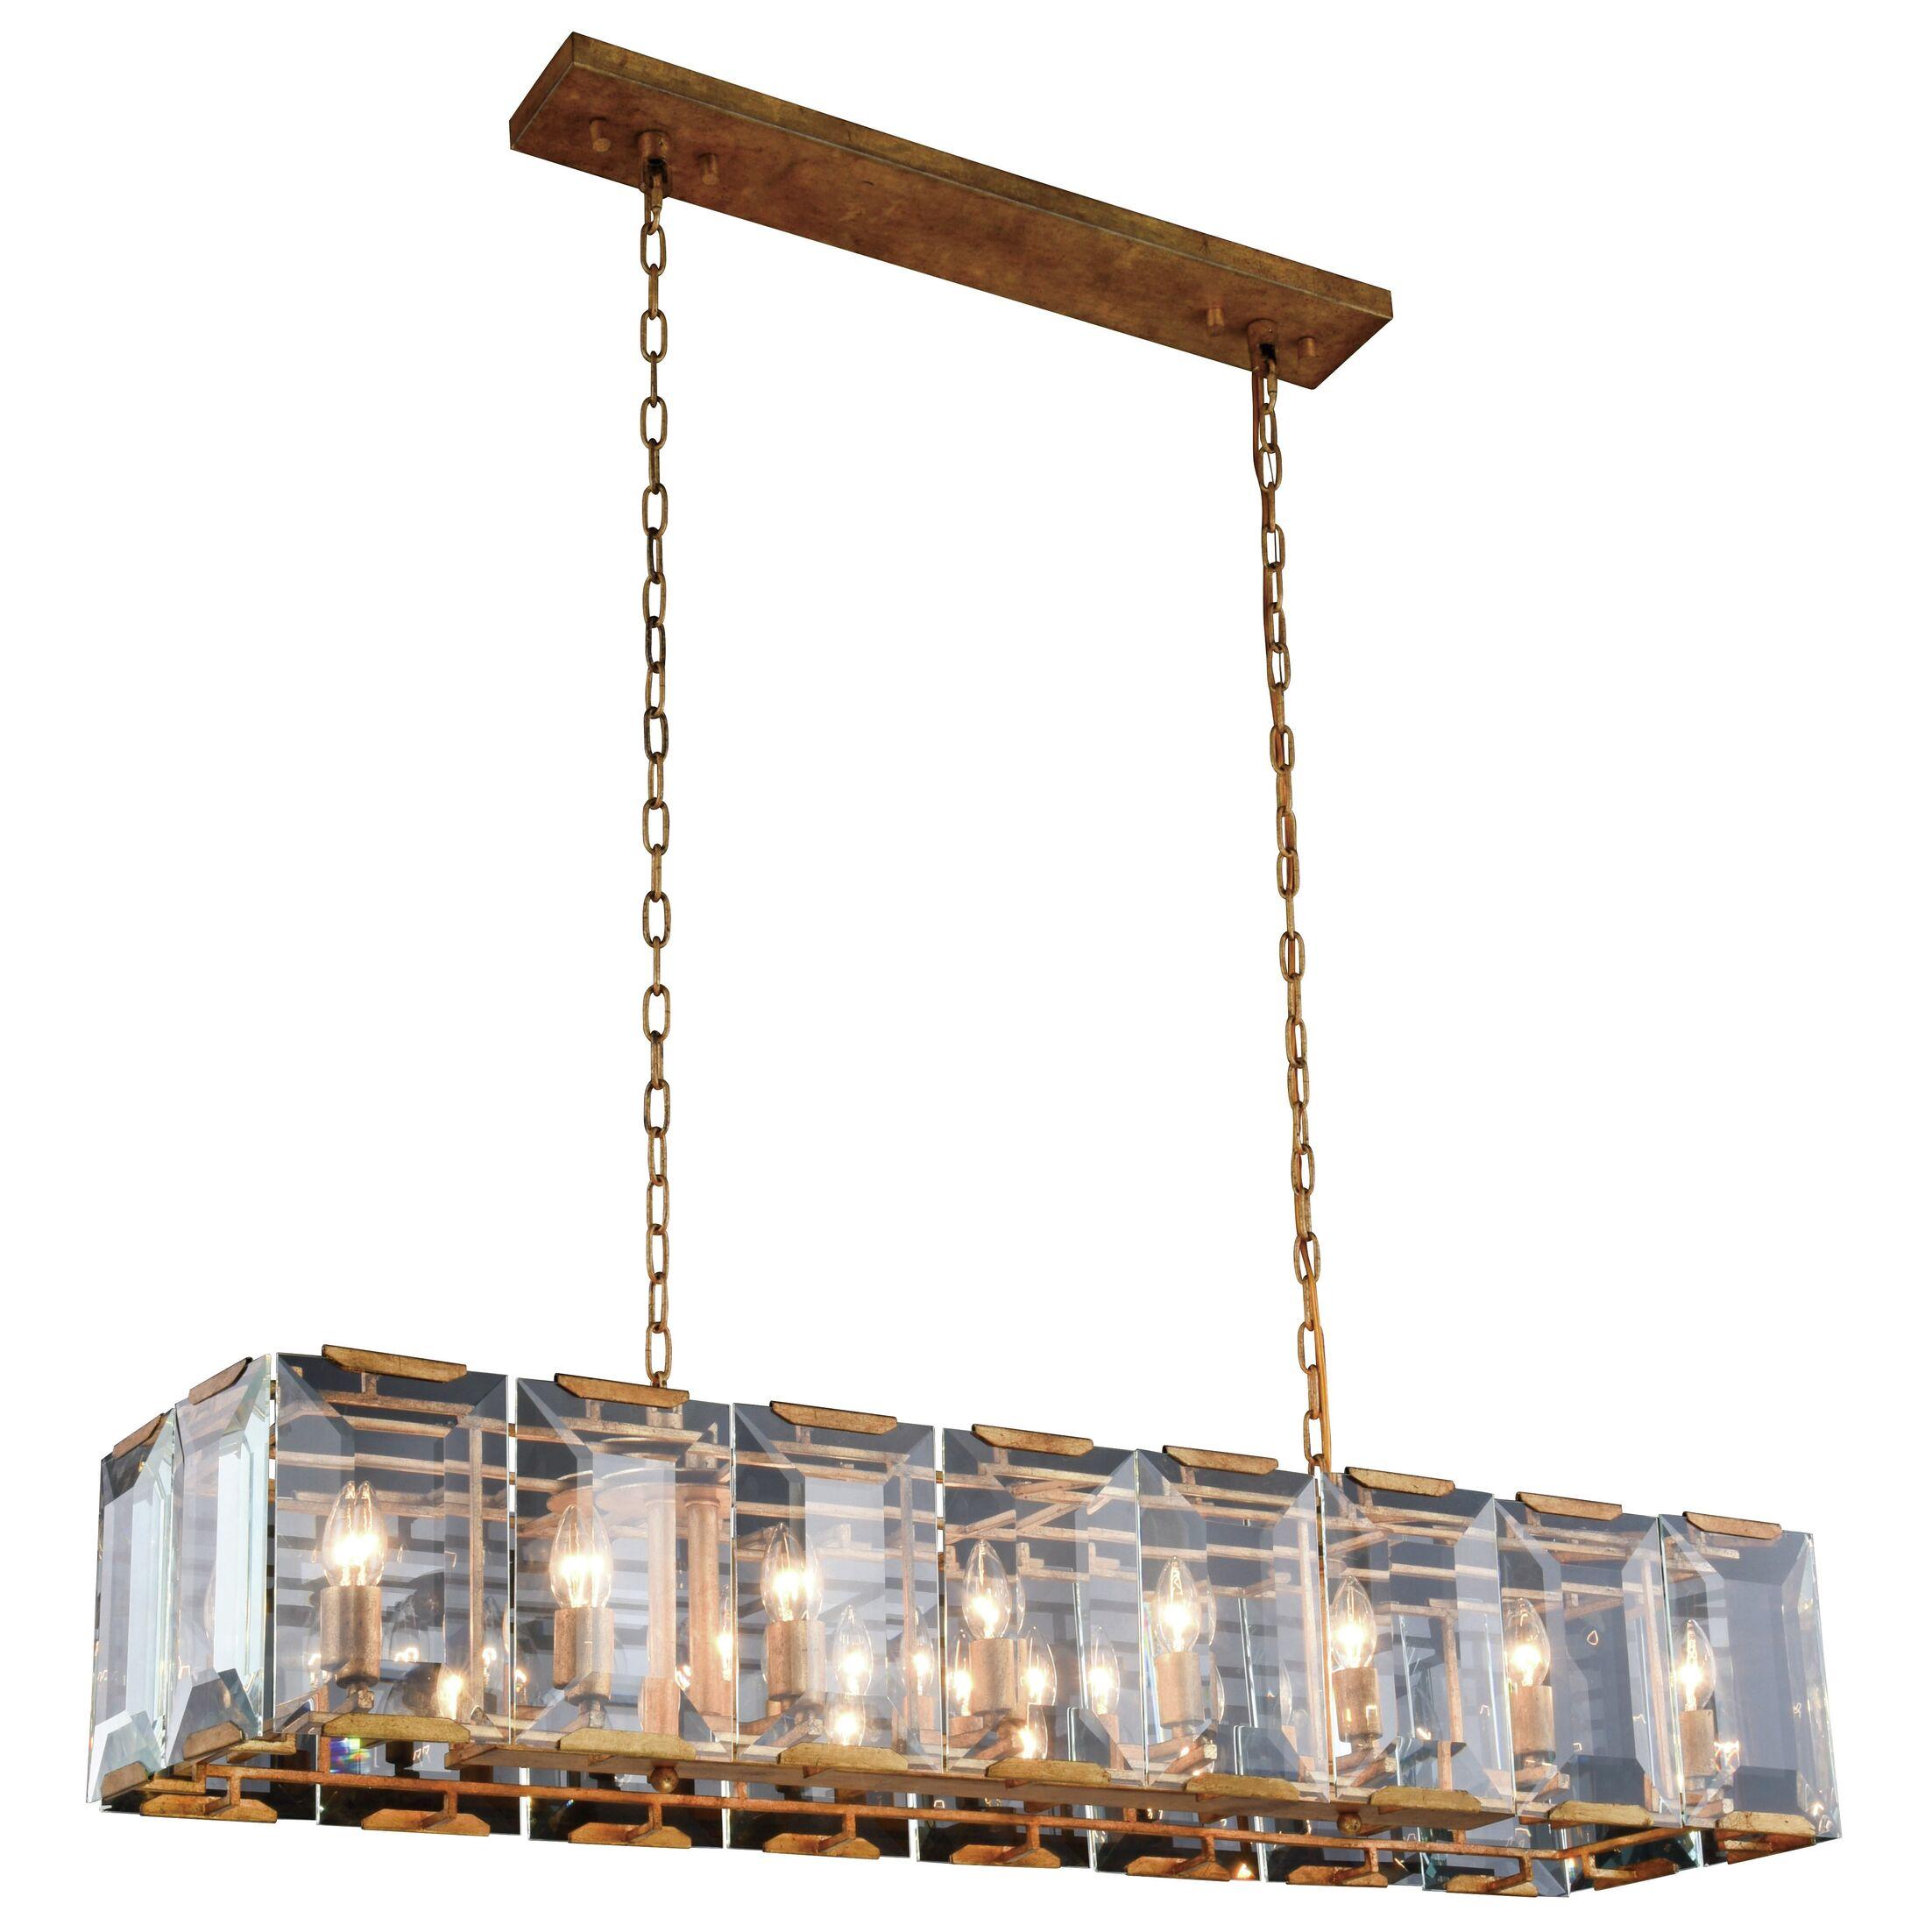 Tallman 16-Light Pendant